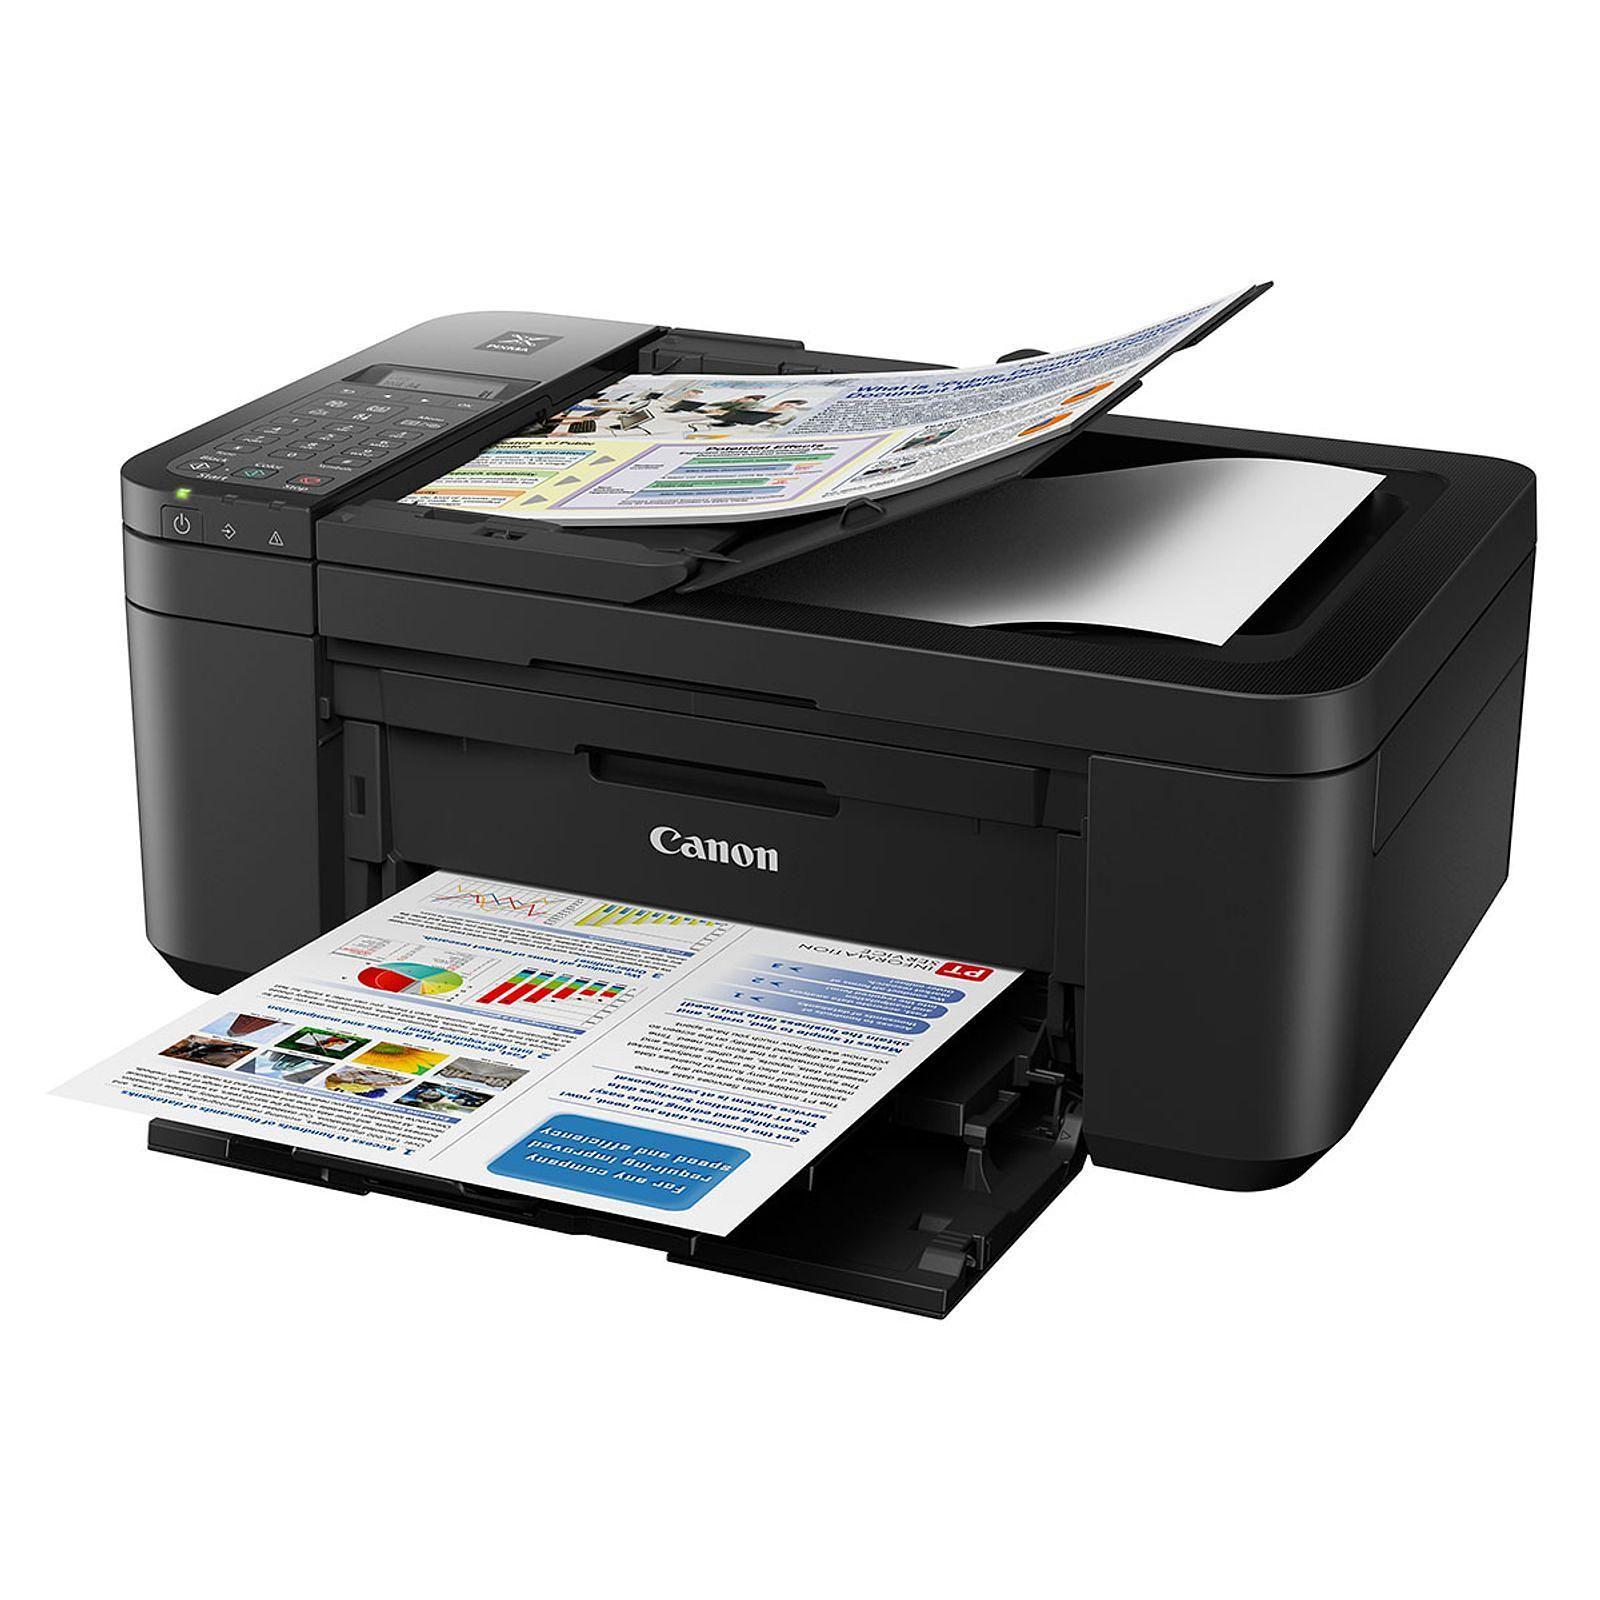 Imprimante multifonction Canon PIXMA TR4550 - Cybertek.fr - 2